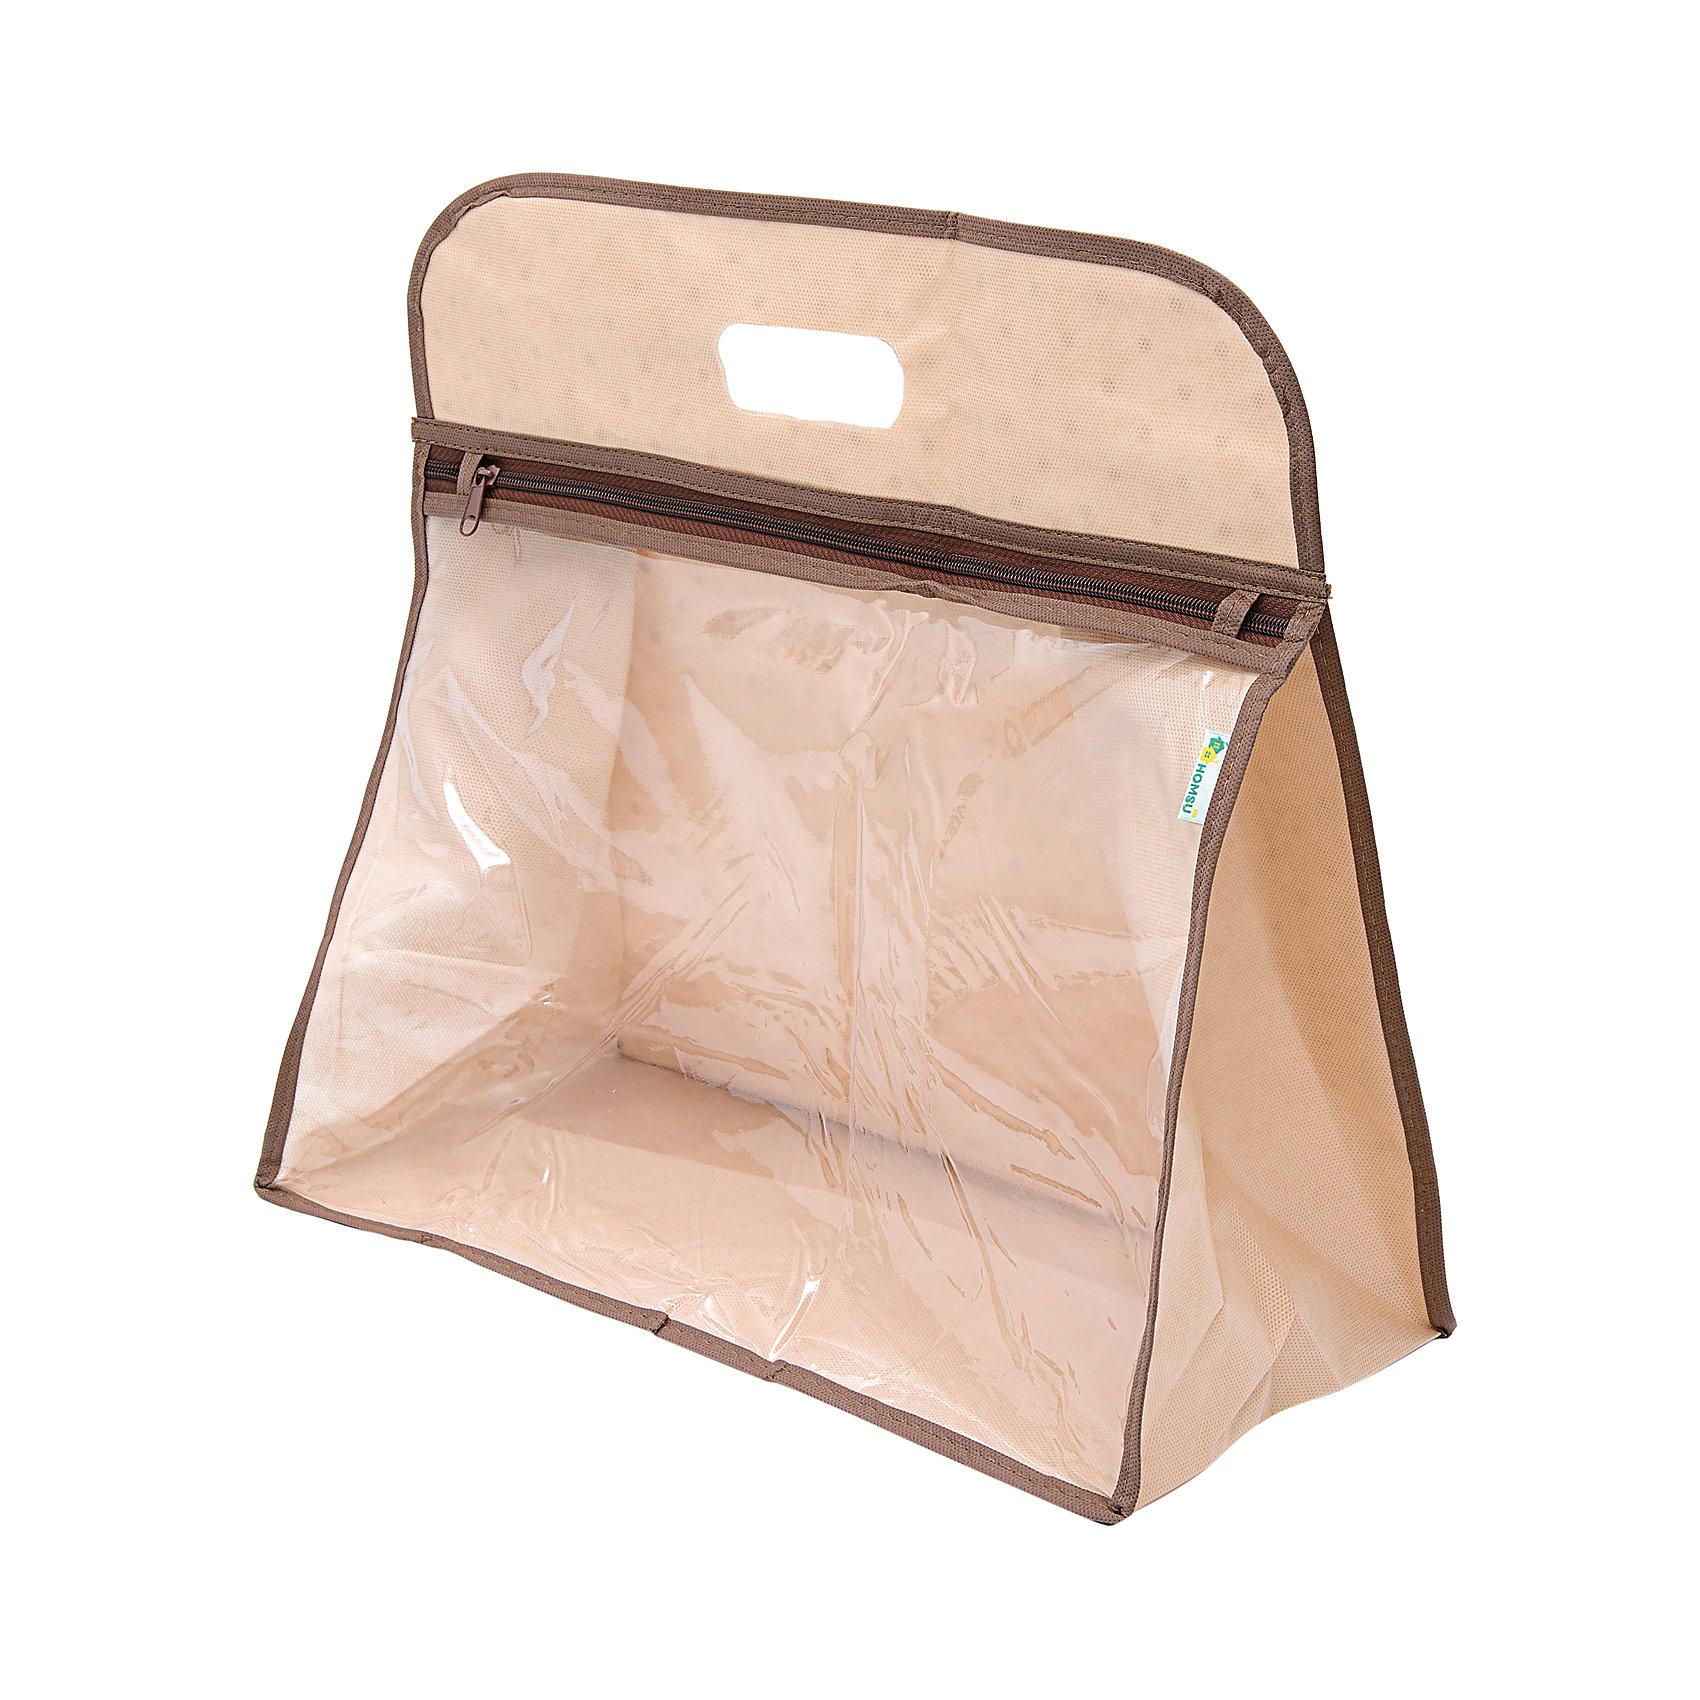 Чехол для сумки, HomsuПорядок в детской<br>Характеристики товара:<br><br>• цвет: бежевый<br>• материал: ПВХ, спанбонд<br>• размер: 40х20х40 см<br>• вес: 200 г<br>• застежка: молния<br>• ручка для переноски<br>• прозрачная вставка<br>• вместимость: 1 отделение<br>• страна бренда: Россия<br>• страна изготовитель: Китай<br><br>Чехол для сумки от бренда Homsu (Хомсу) - очень удобная вещь для хранения вещей и эргономичной организации пространства.<br><br>Предмет легкий, вместительный, обеспечивает естественную вентиляцию.<br><br>Чехол для сумки, Homsu можно купить в нашем интернет-магазине.<br><br>Ширина мм: 260<br>Глубина мм: 400<br>Высота мм: 10<br>Вес г: 200<br>Возраст от месяцев: 216<br>Возраст до месяцев: 1188<br>Пол: Унисекс<br>Возраст: Детский<br>SKU: 5620109